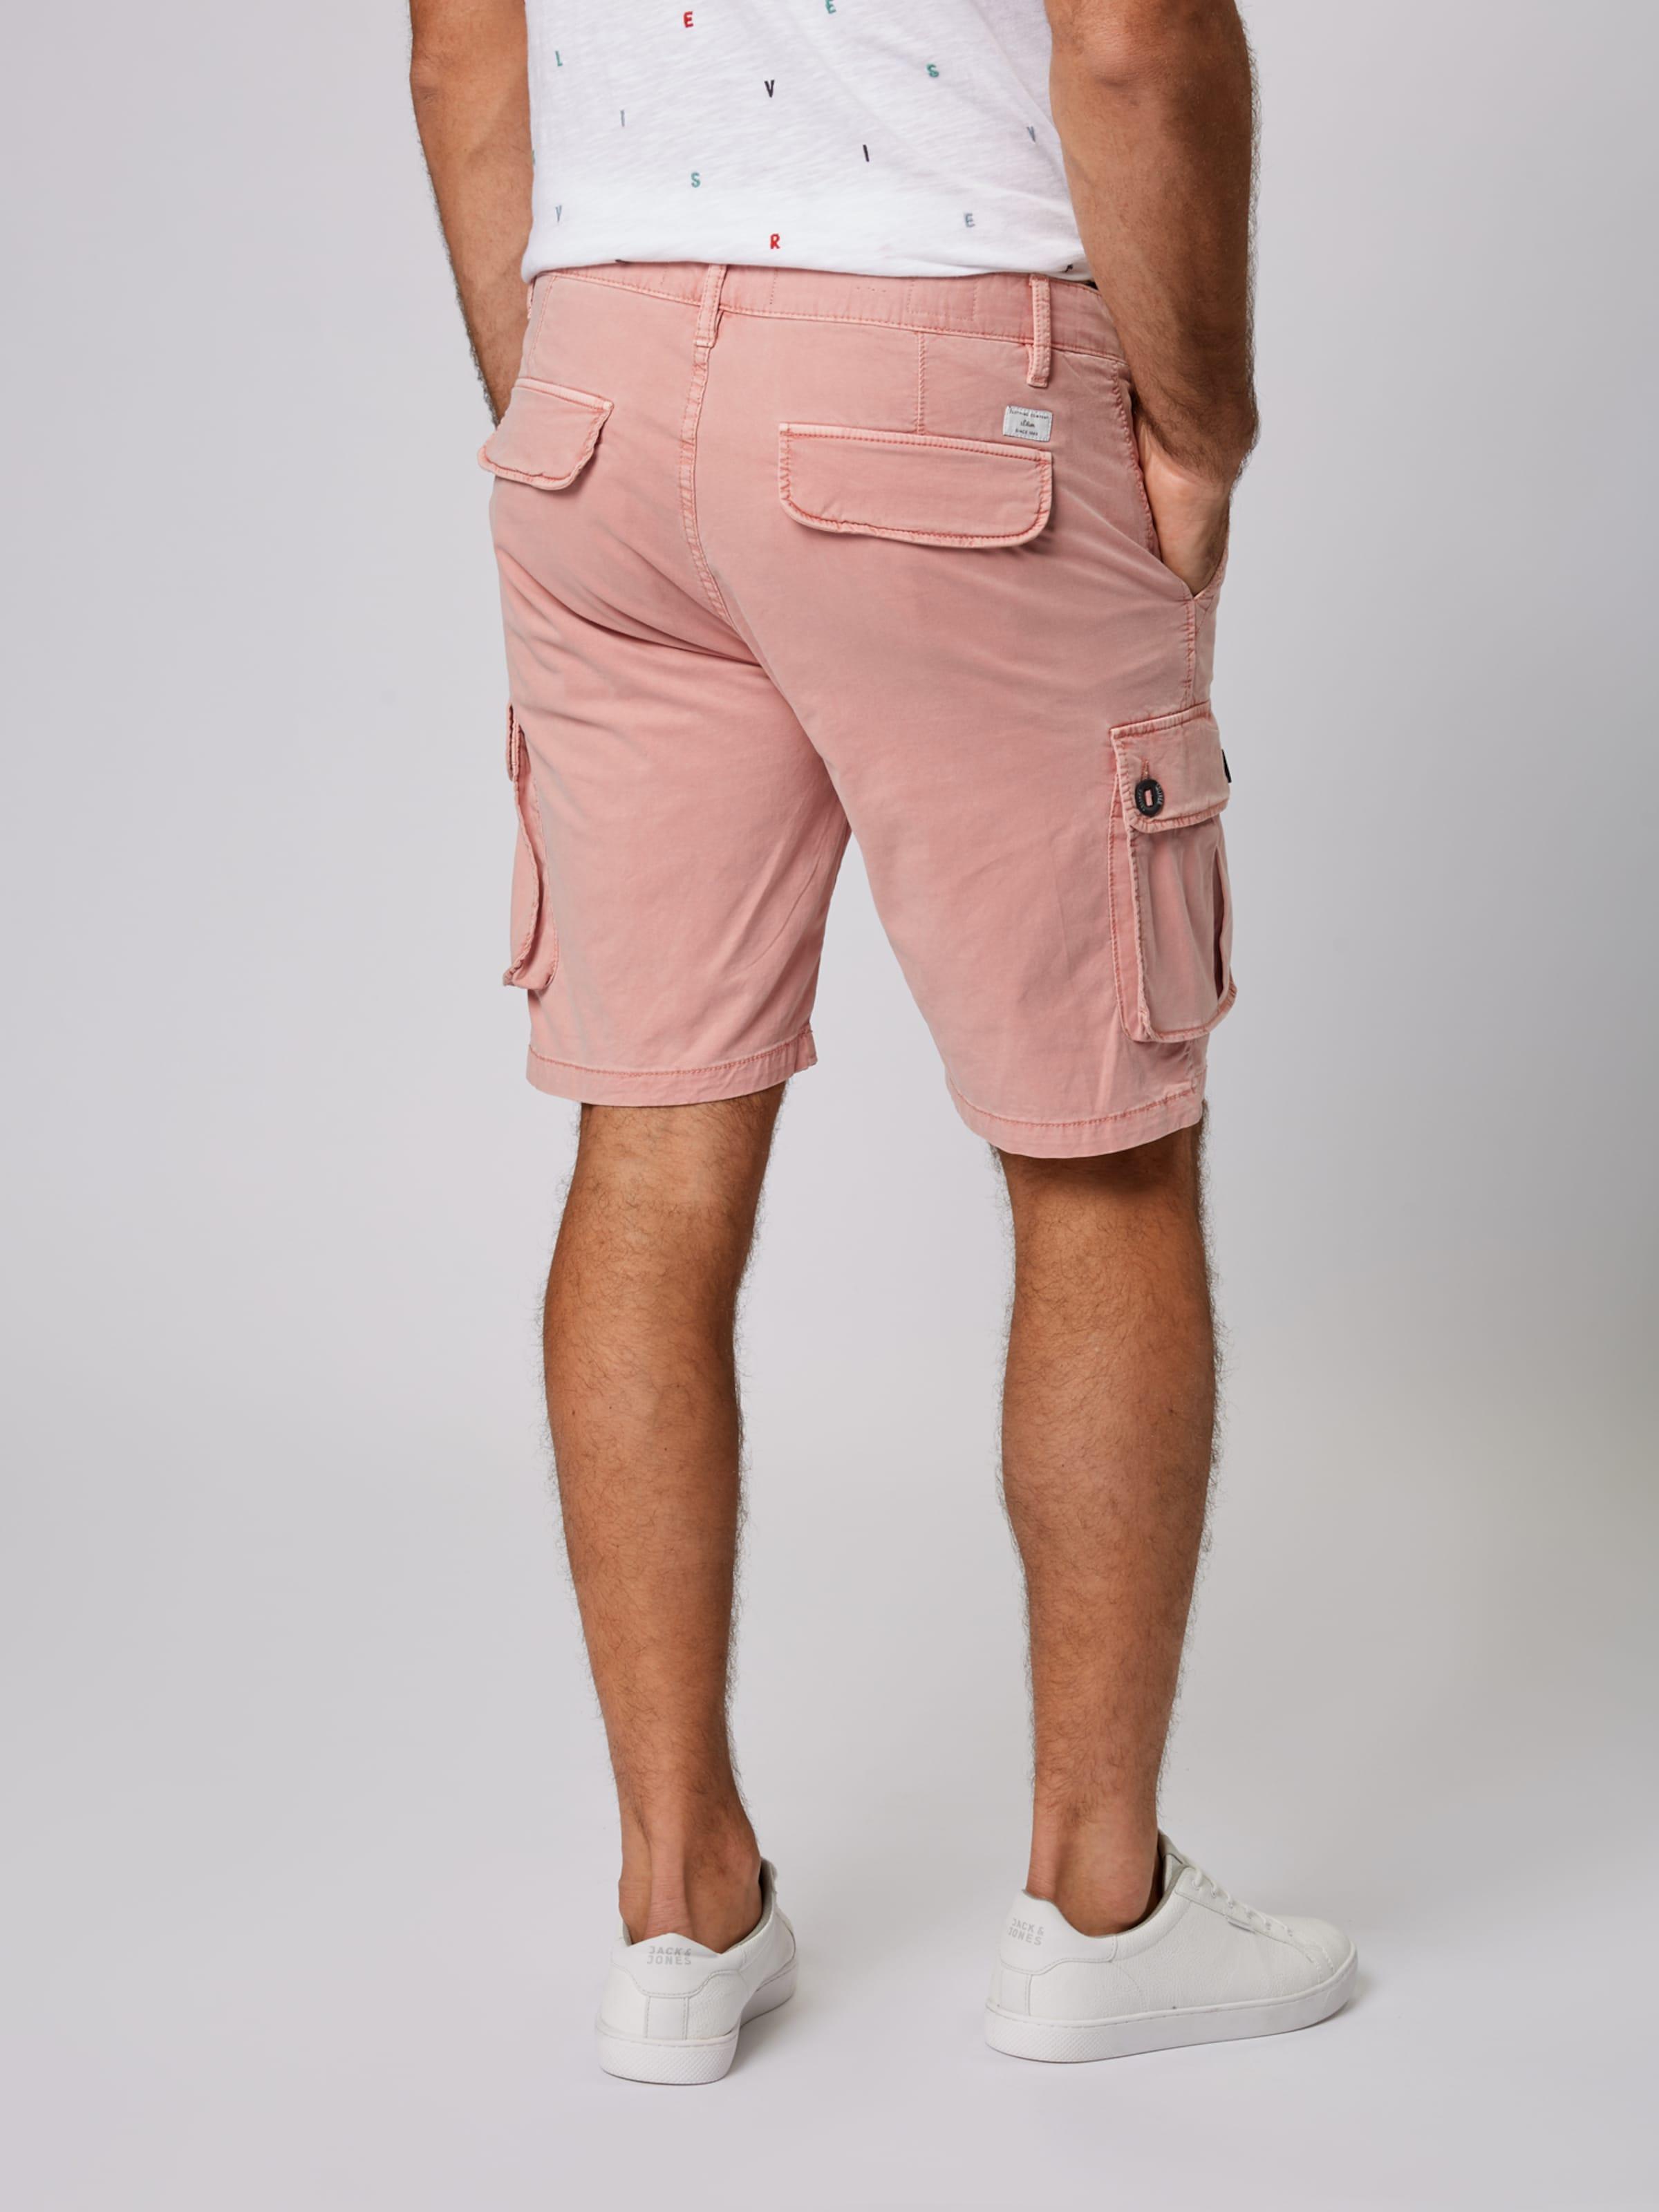 En Label S oliver Pantalon Cargo Red Rose xoedCBWr